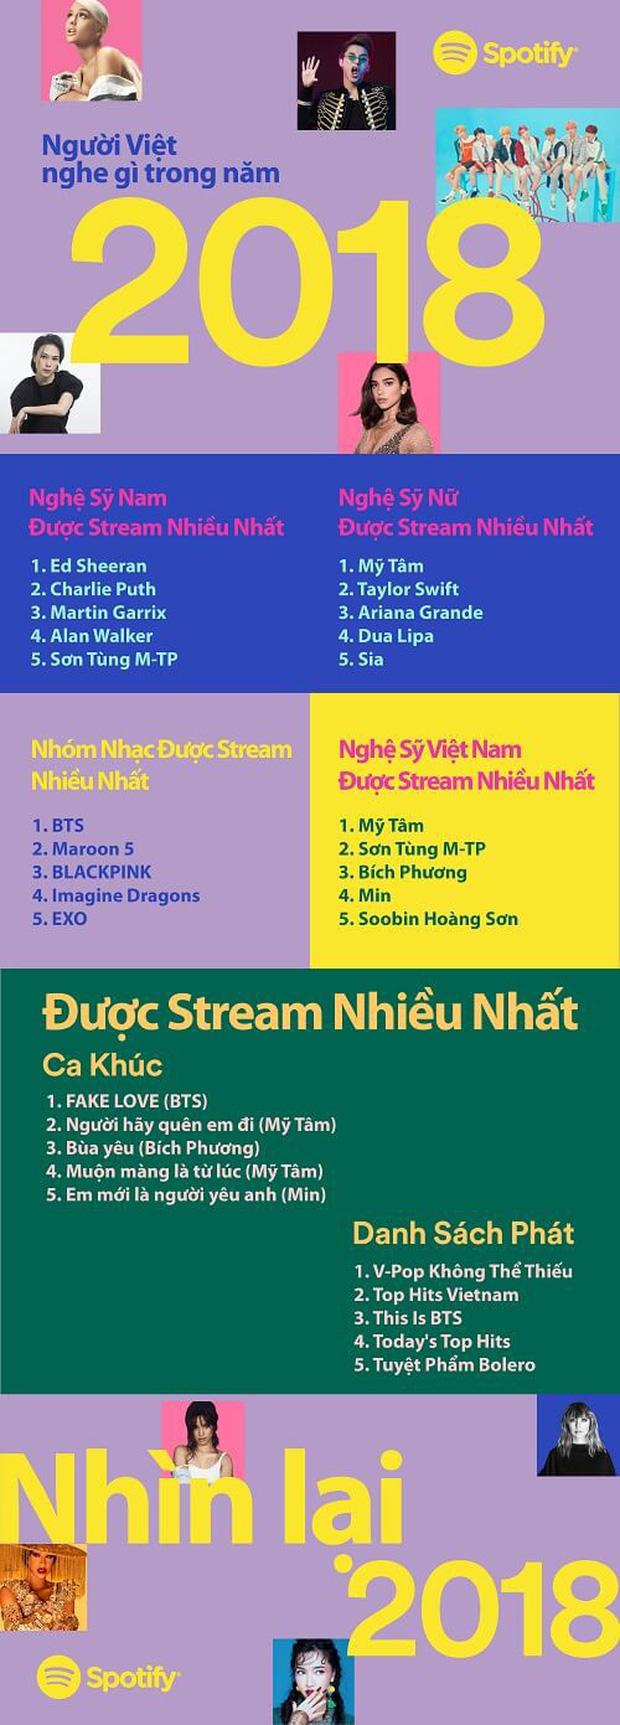 Mỹ Tâm trở thành nghệ sĩ được stream nhạc nhiều nhất trên Spotify Việt Nam 2018 - Ảnh 3.